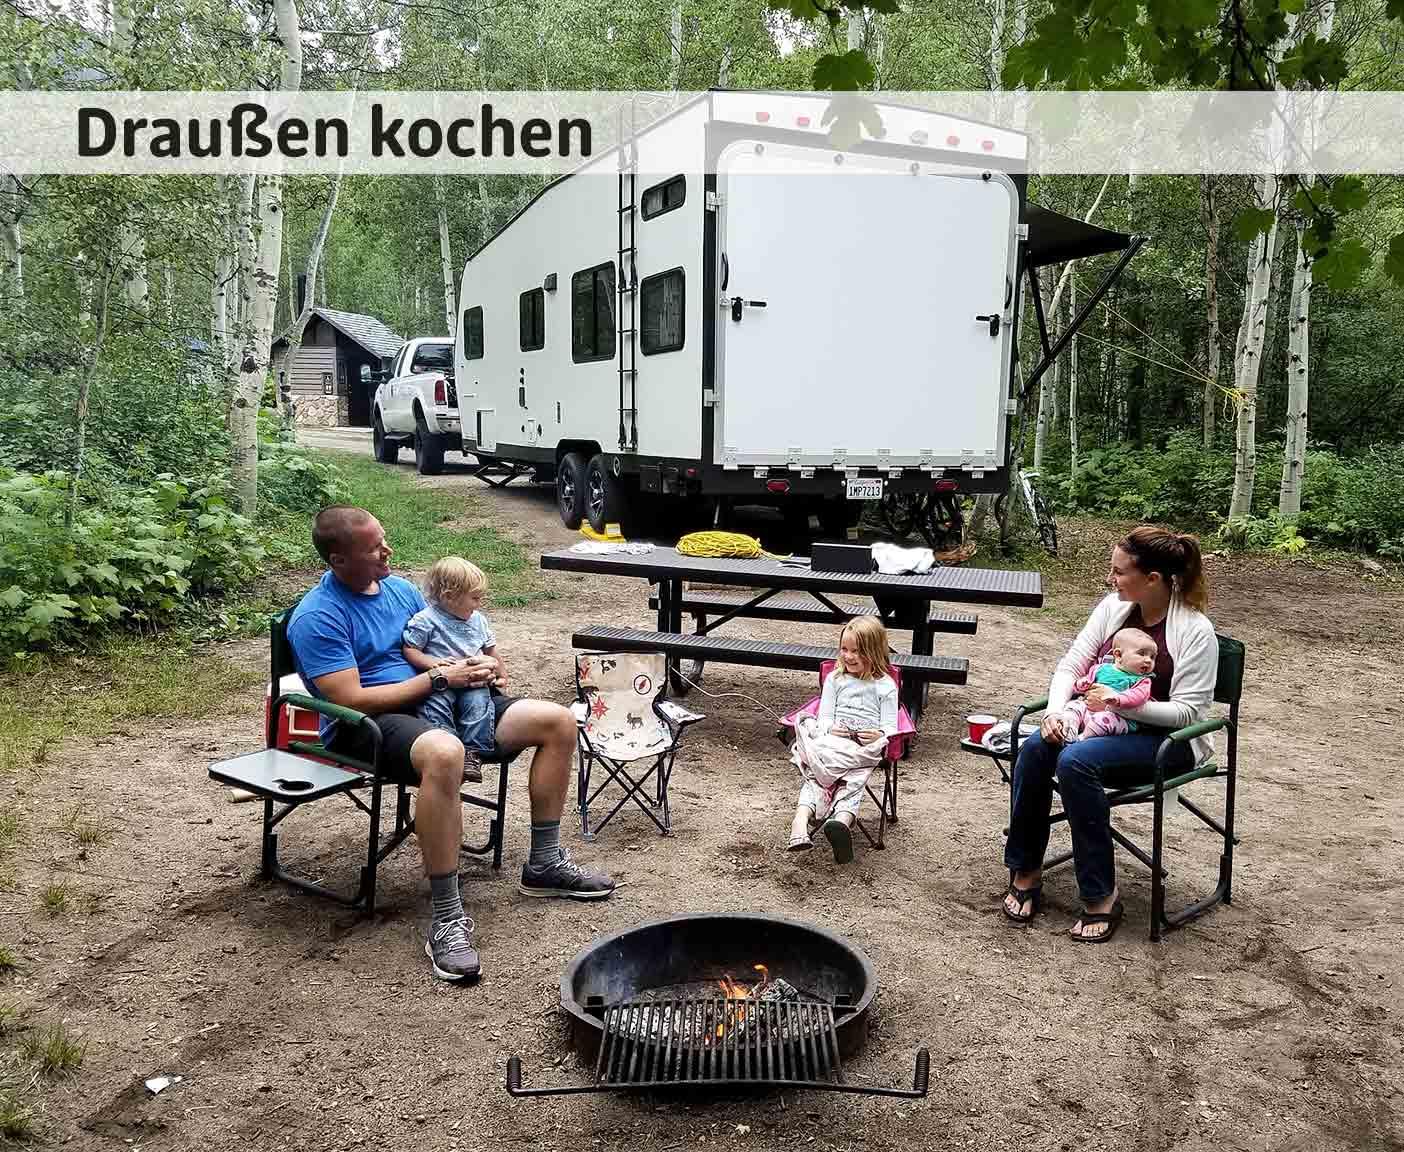 Familie mit zwei Kindern kocht bzw. grillt draußen in der Natur, sie sitzen vor ihrem Wohnmobil